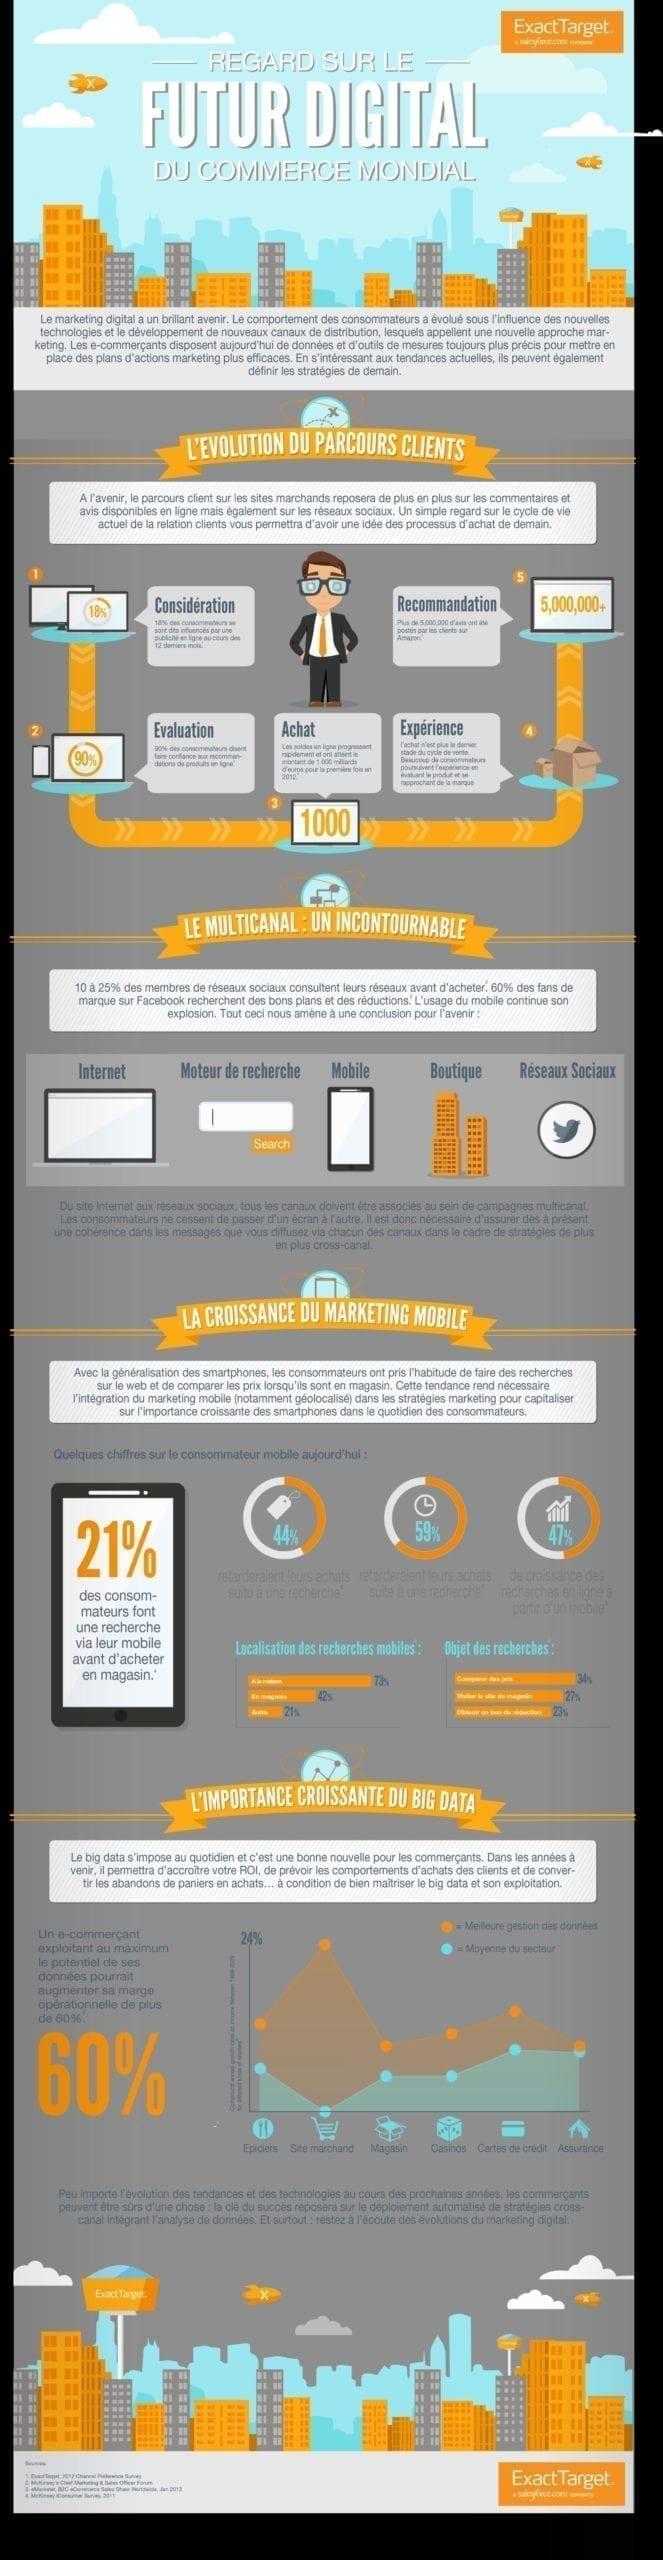 futur-digital-commerce-mondial